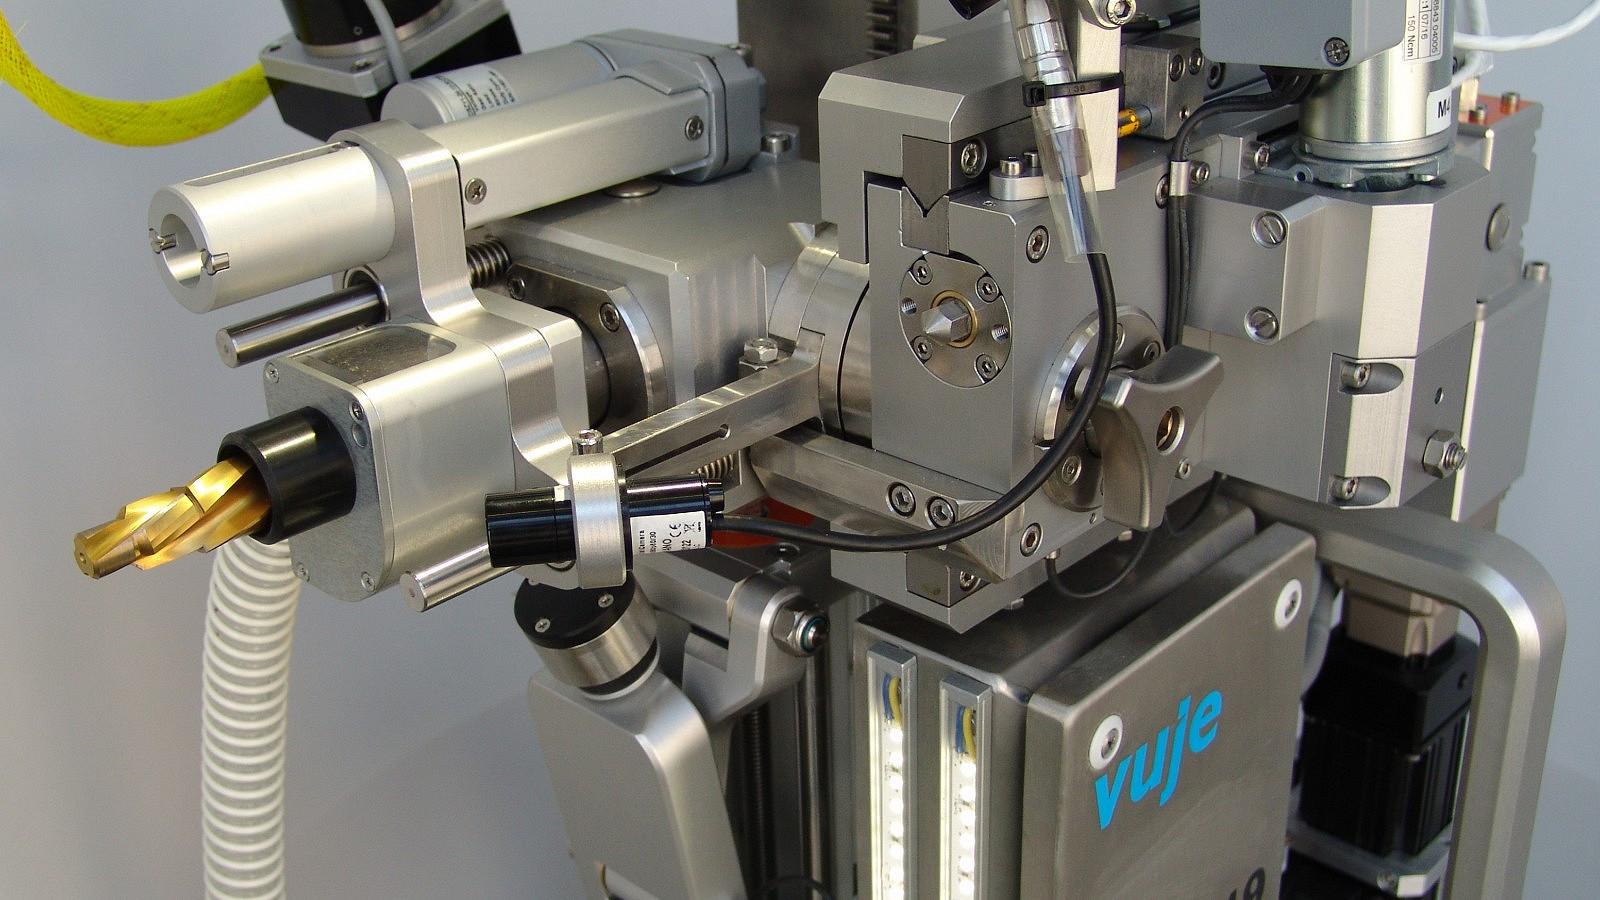 VUJE поставила на венгерскую АЭС Пакш манипулятор ZOK-PG 19 для глушения теплообменных труб парогенераторов